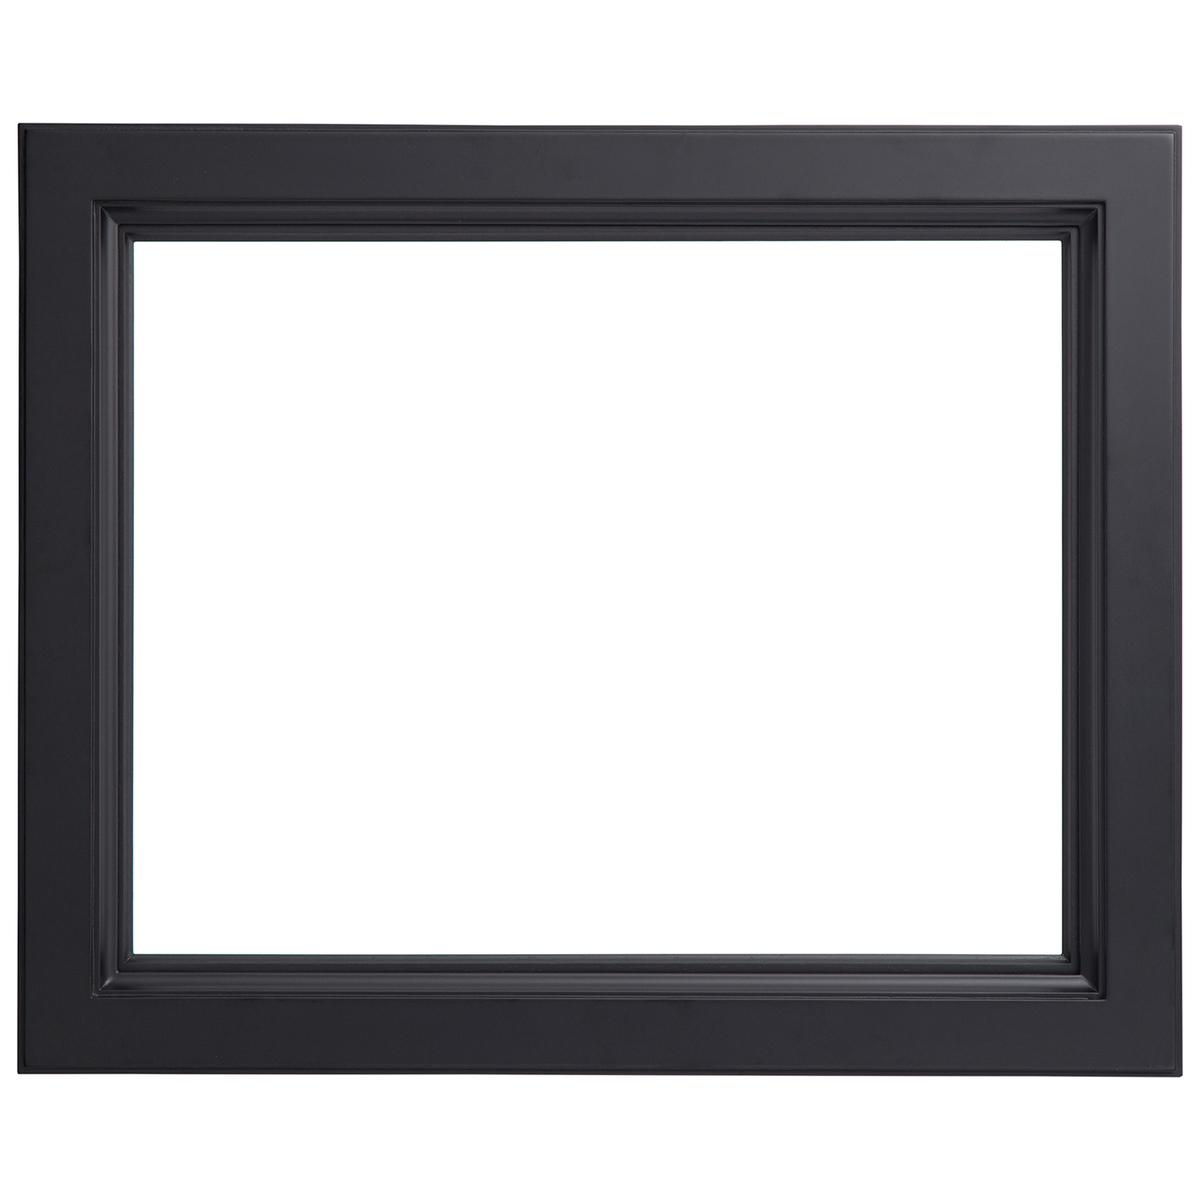 【大型便・時間指定不可】ラーソン・ジュール 油絵用額縁 A260 F20 ブラック